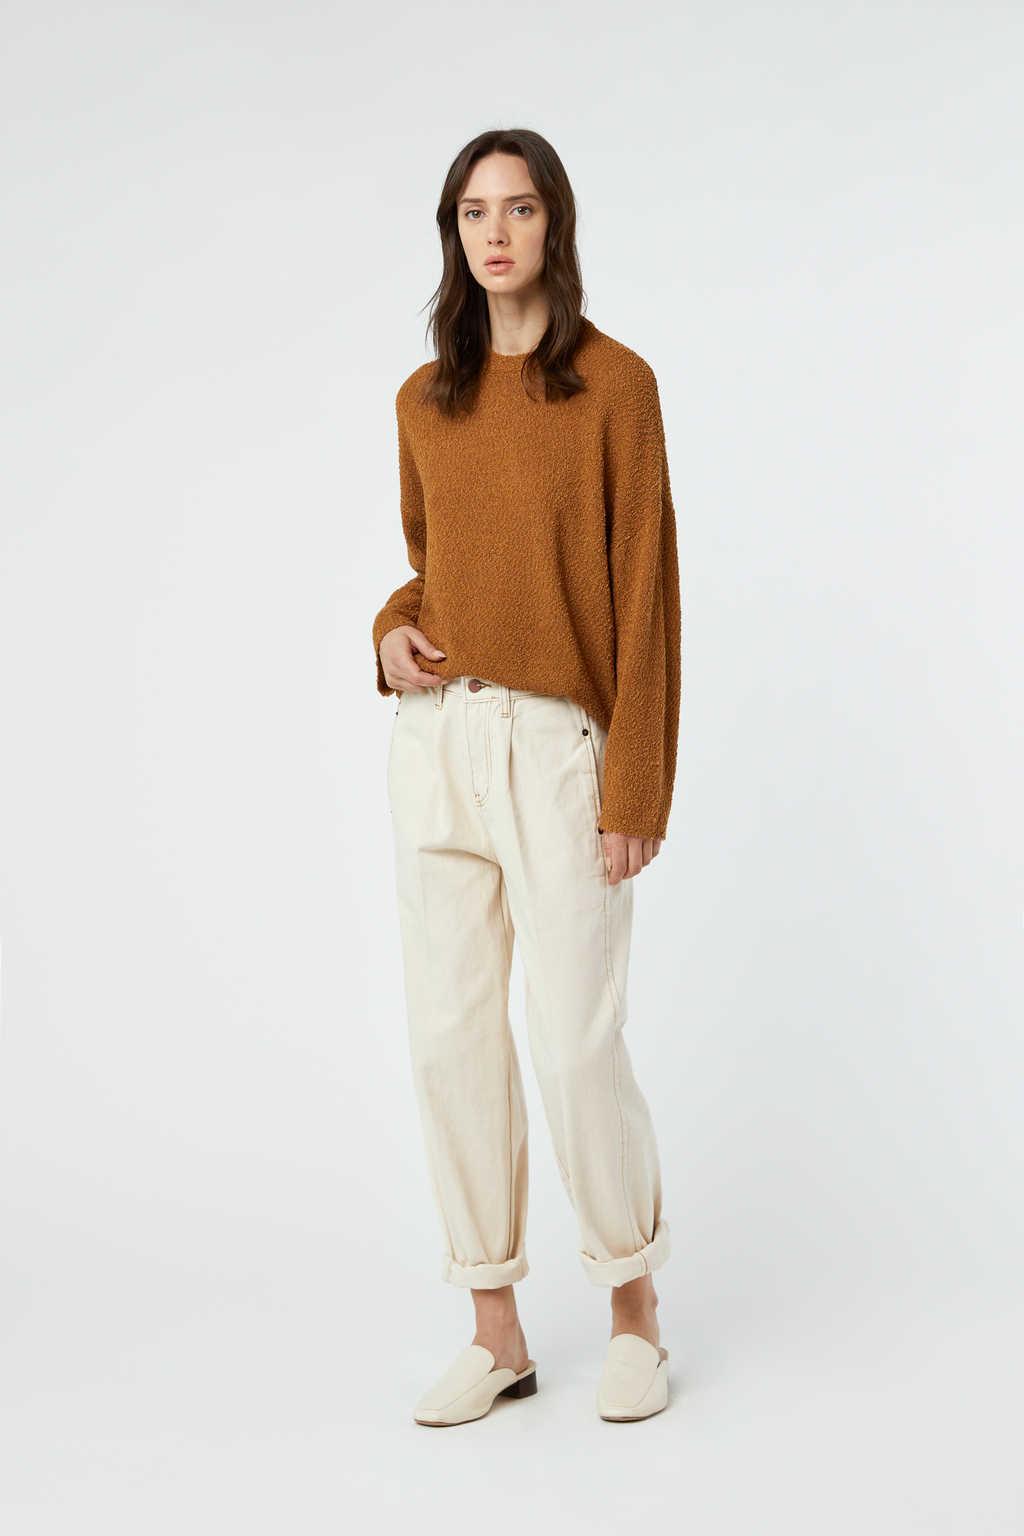 Sweater 3212 Tan 7